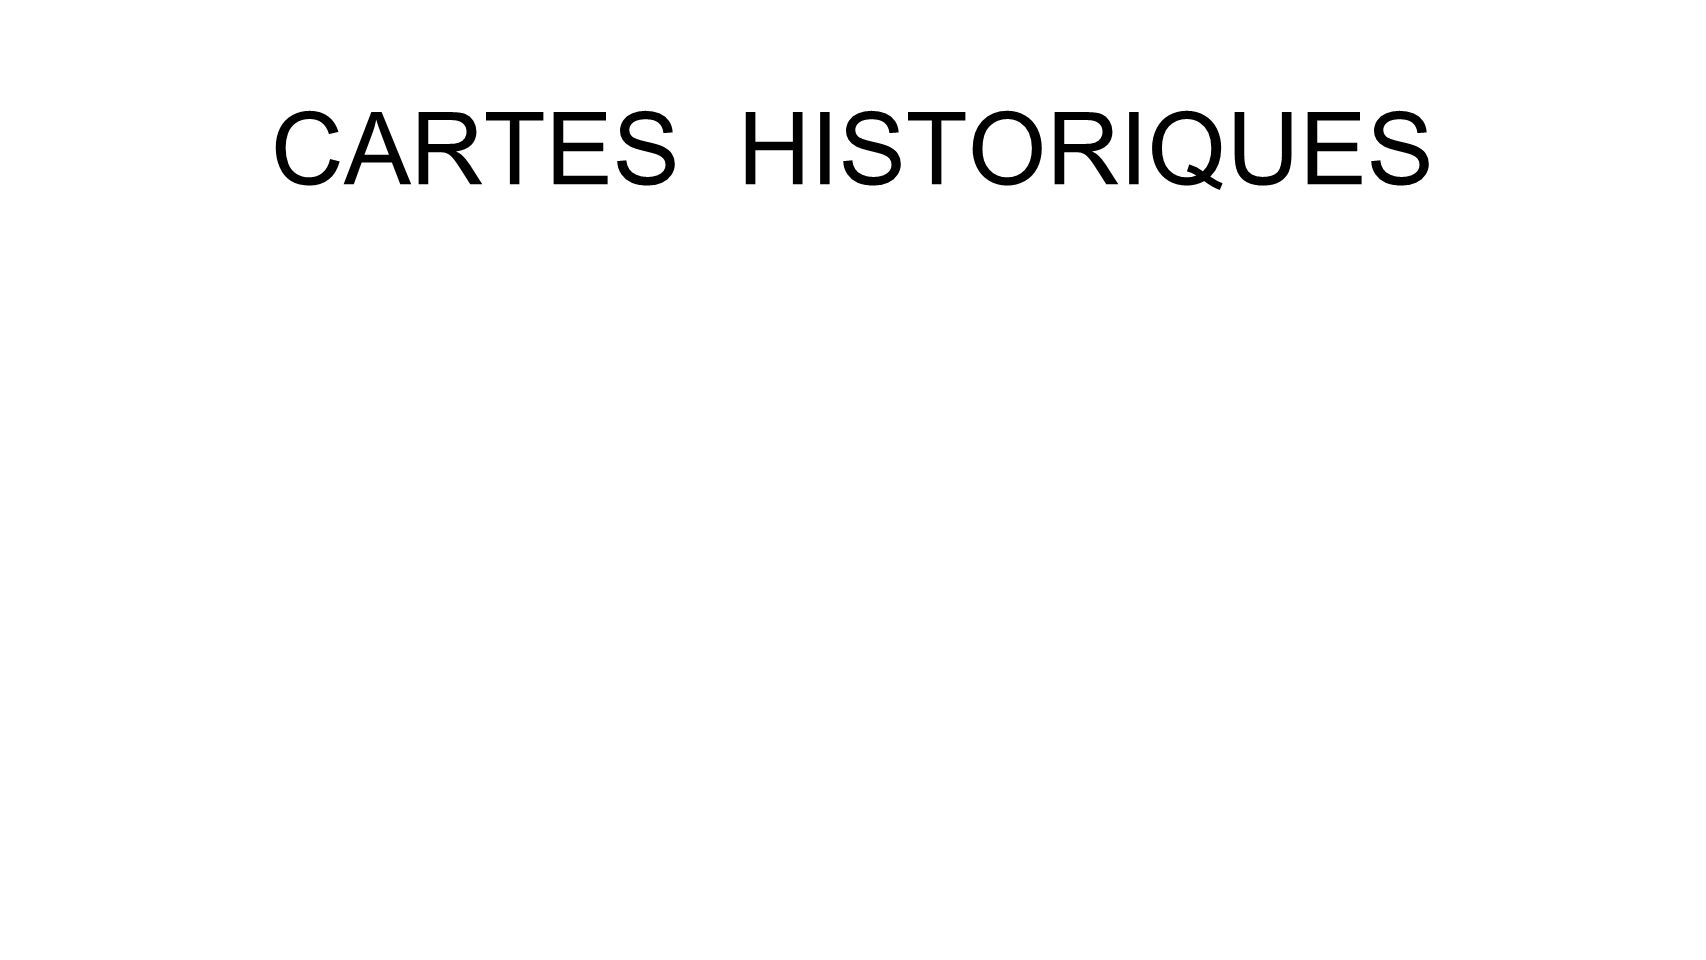 CARTES HISTORIQUES